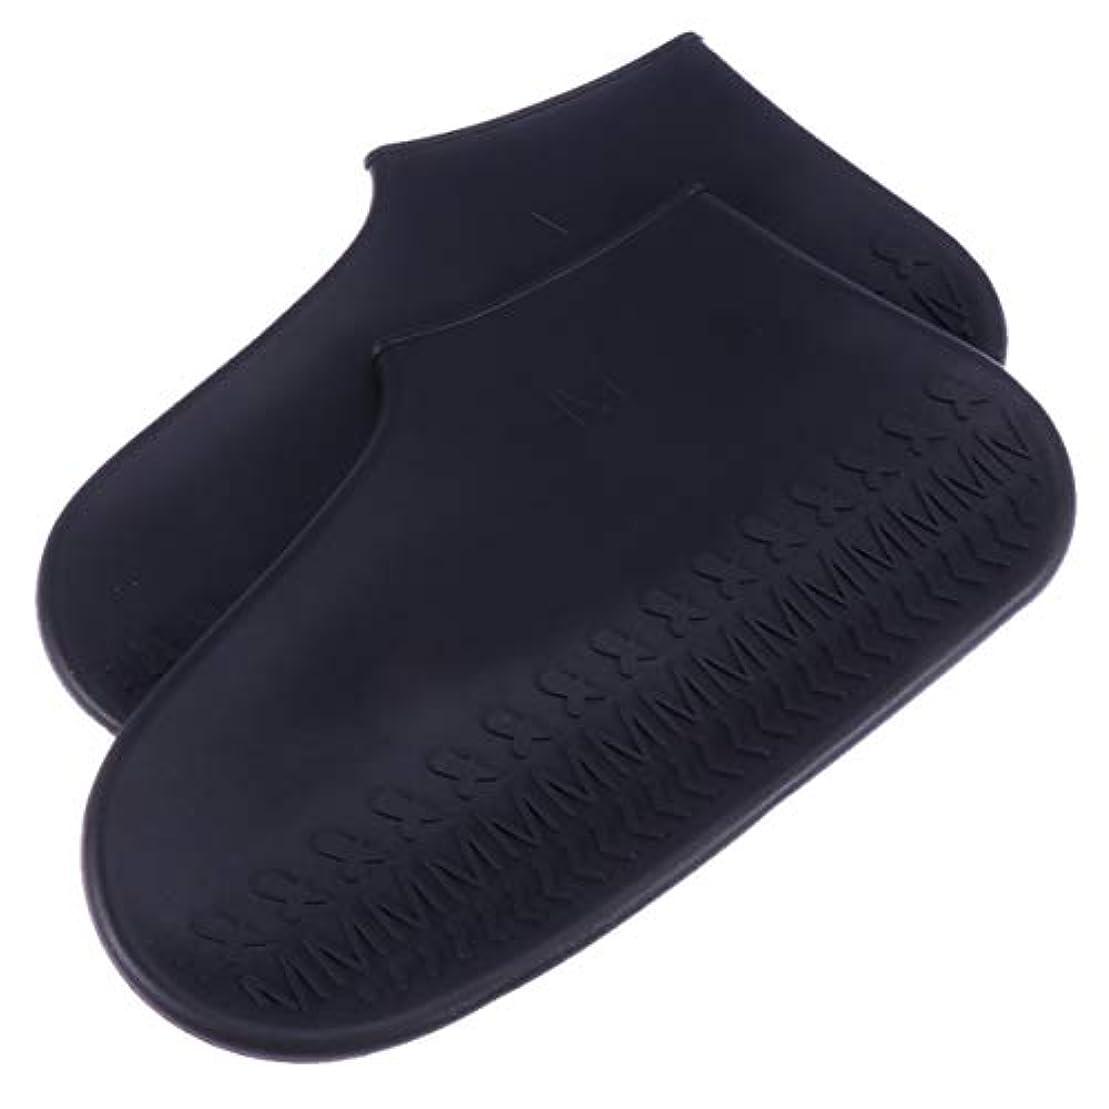 スケジュールつま先全体Healifty 靴カバーは、職場、医療、屋内、または車のカーペットの床保護サイズs(黒)用の耐摩耗性レインブーツカバー